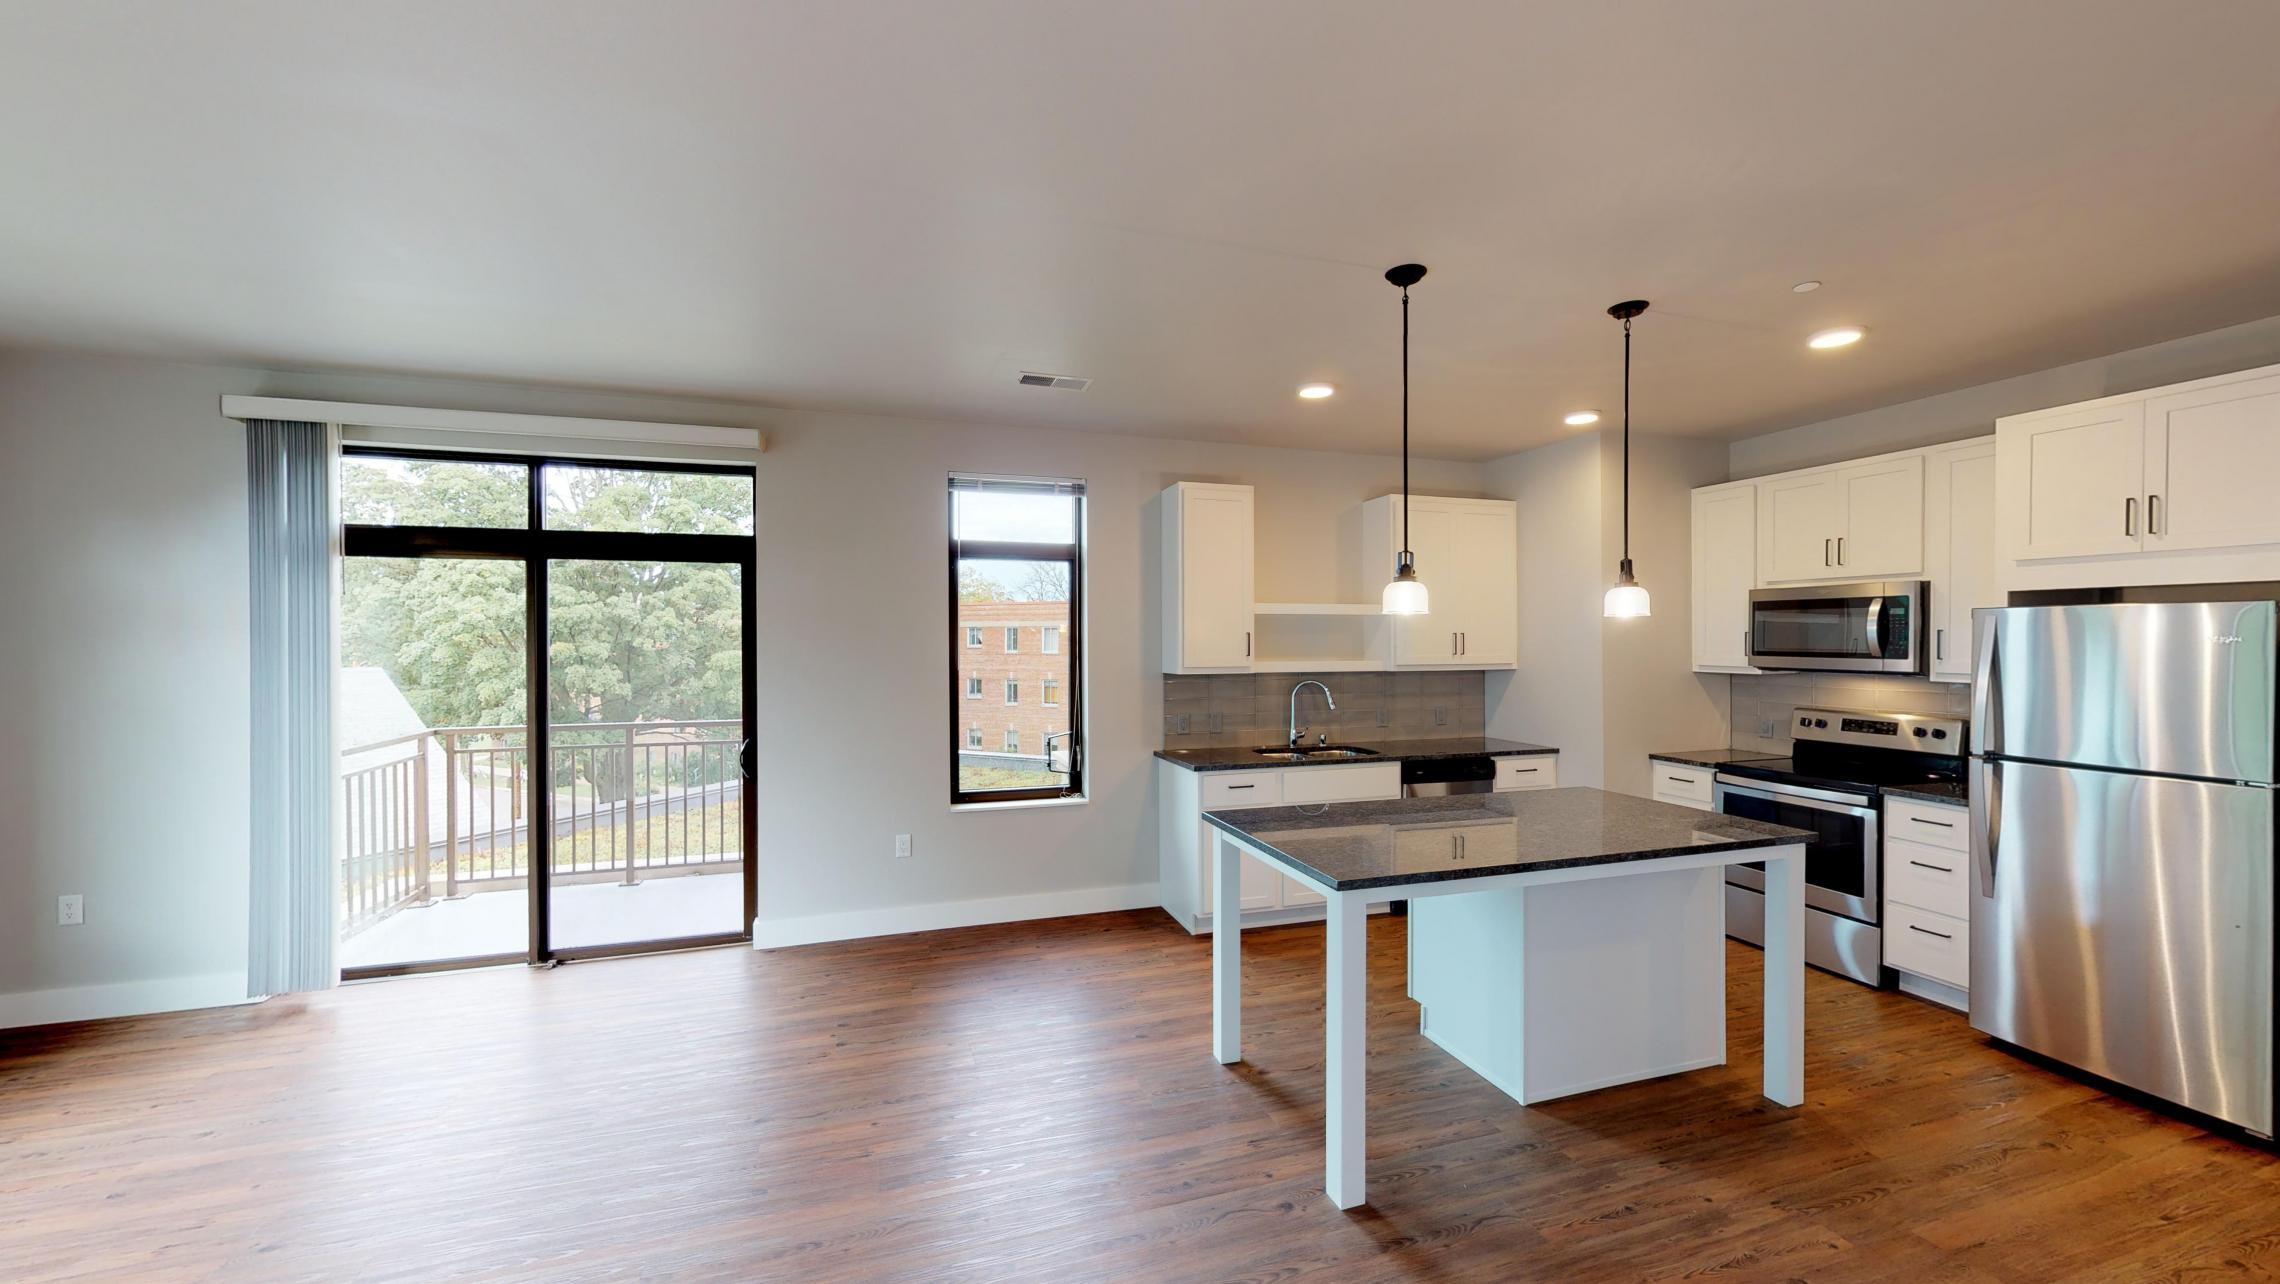 1722-Monroe-Apartment-202-One Bedroom-Modern-Luxury-bedroom-Design-views.jpg